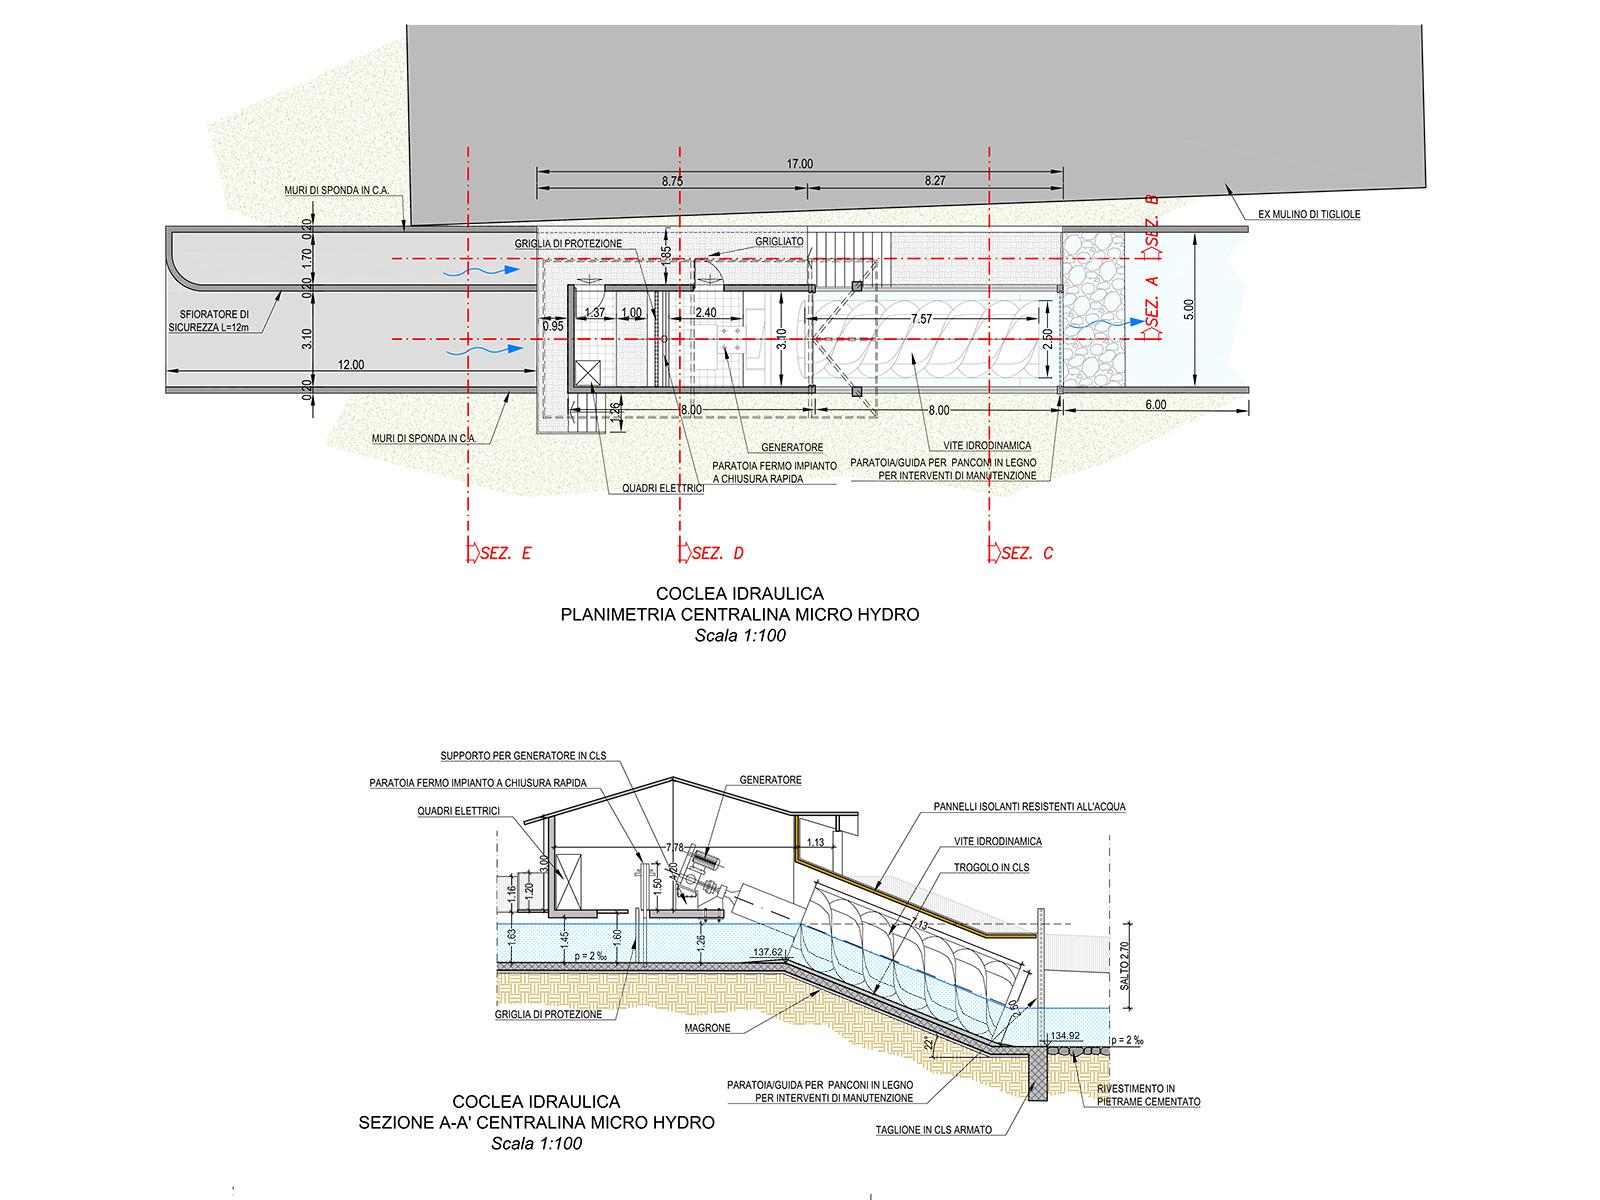 Gruppo Ingegneria Torino - Progettazione Mini-hydro ad acqua fluente